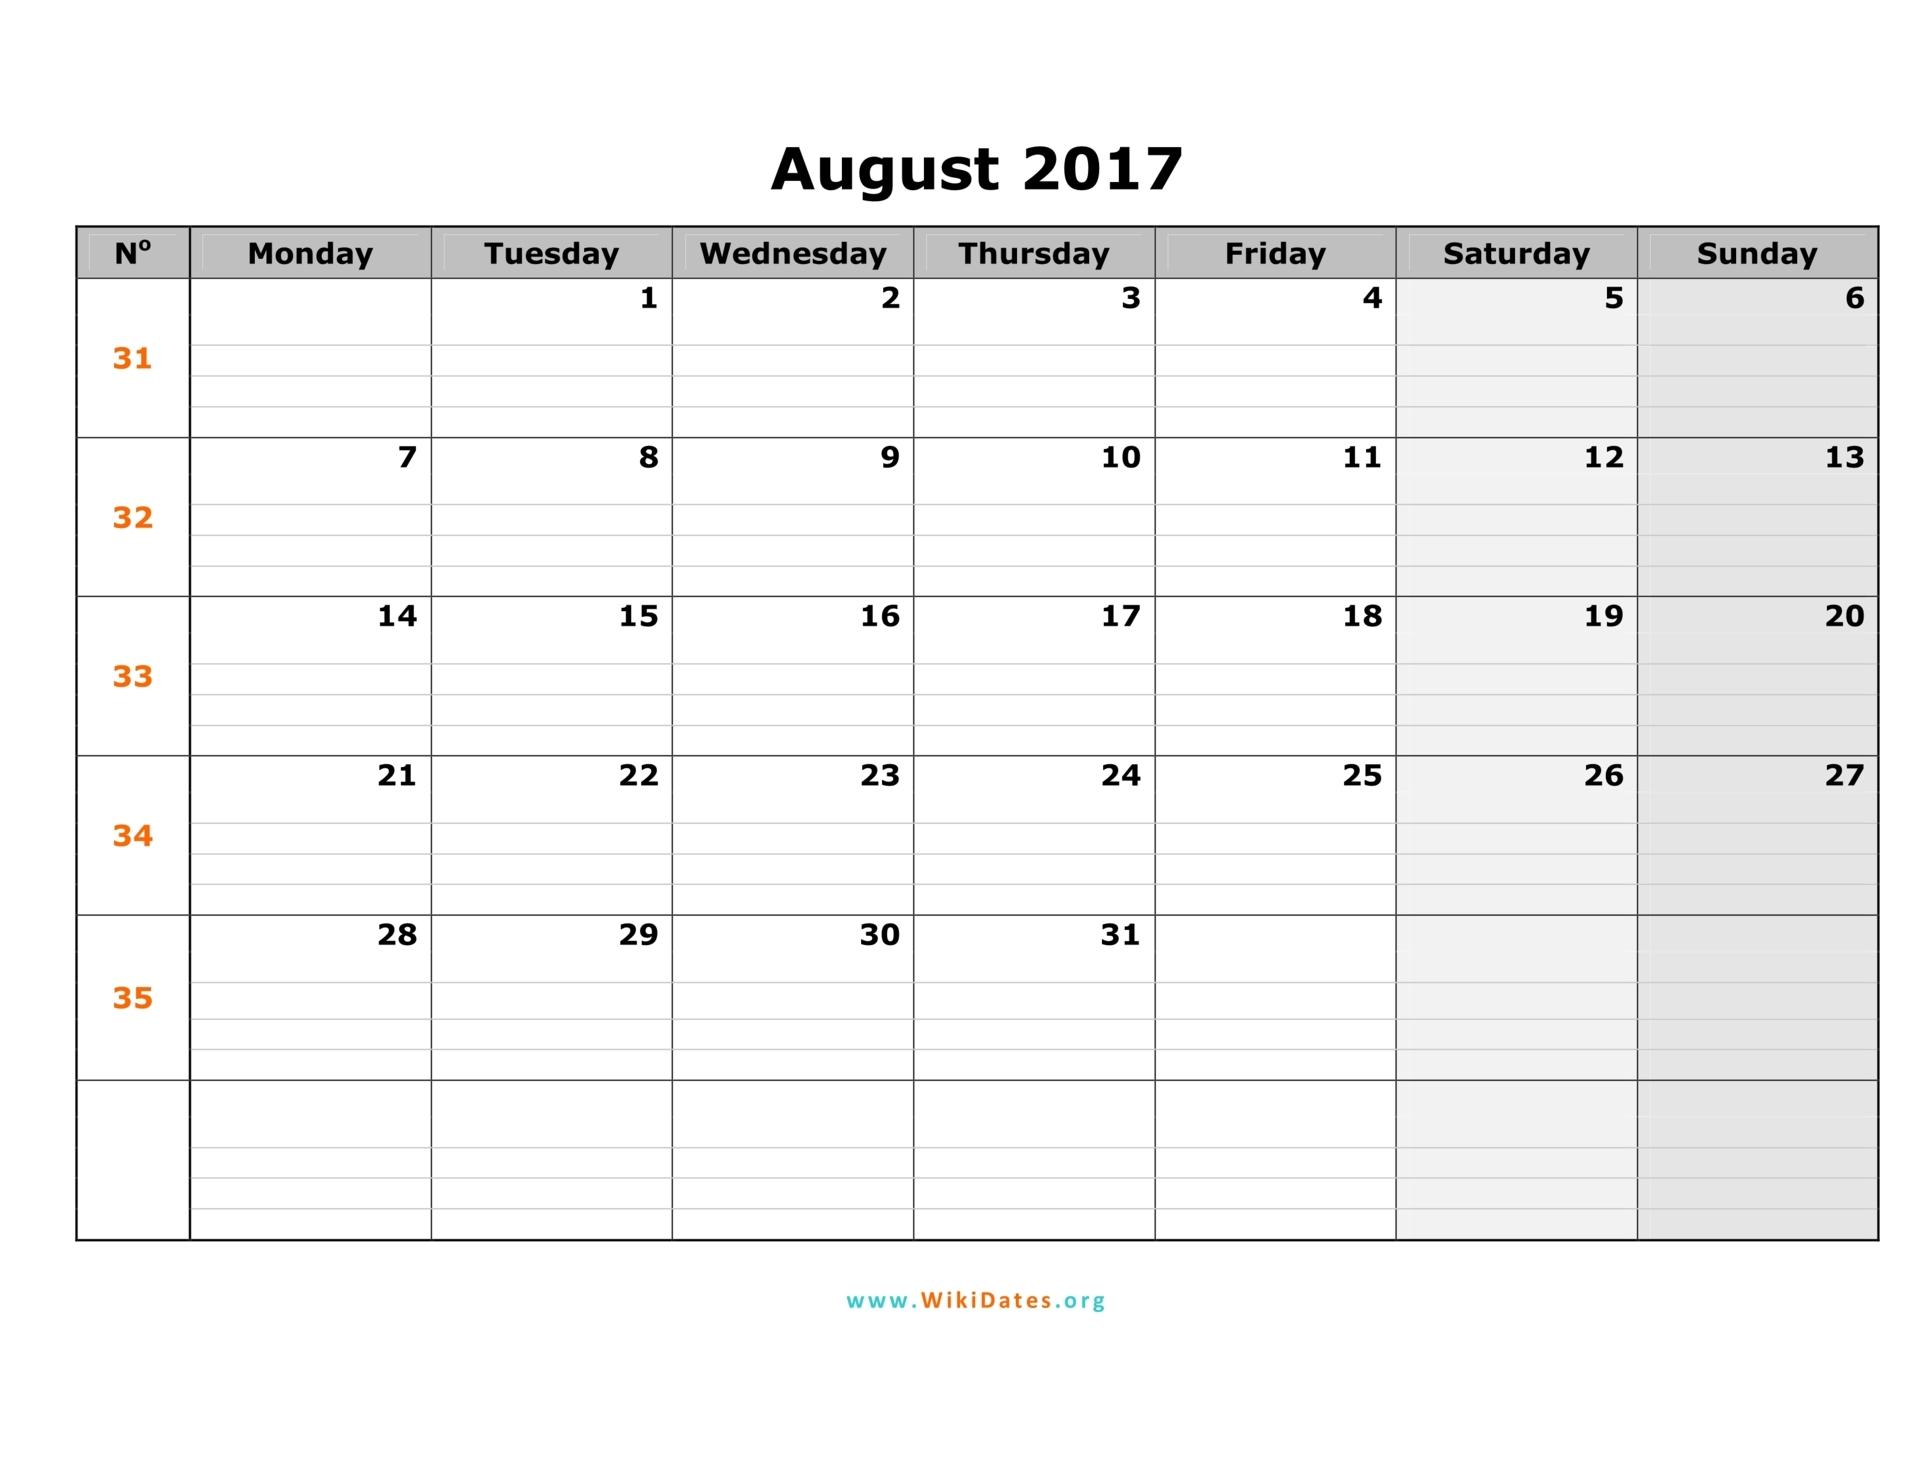 August 2017 Calendar | WikiDates.org